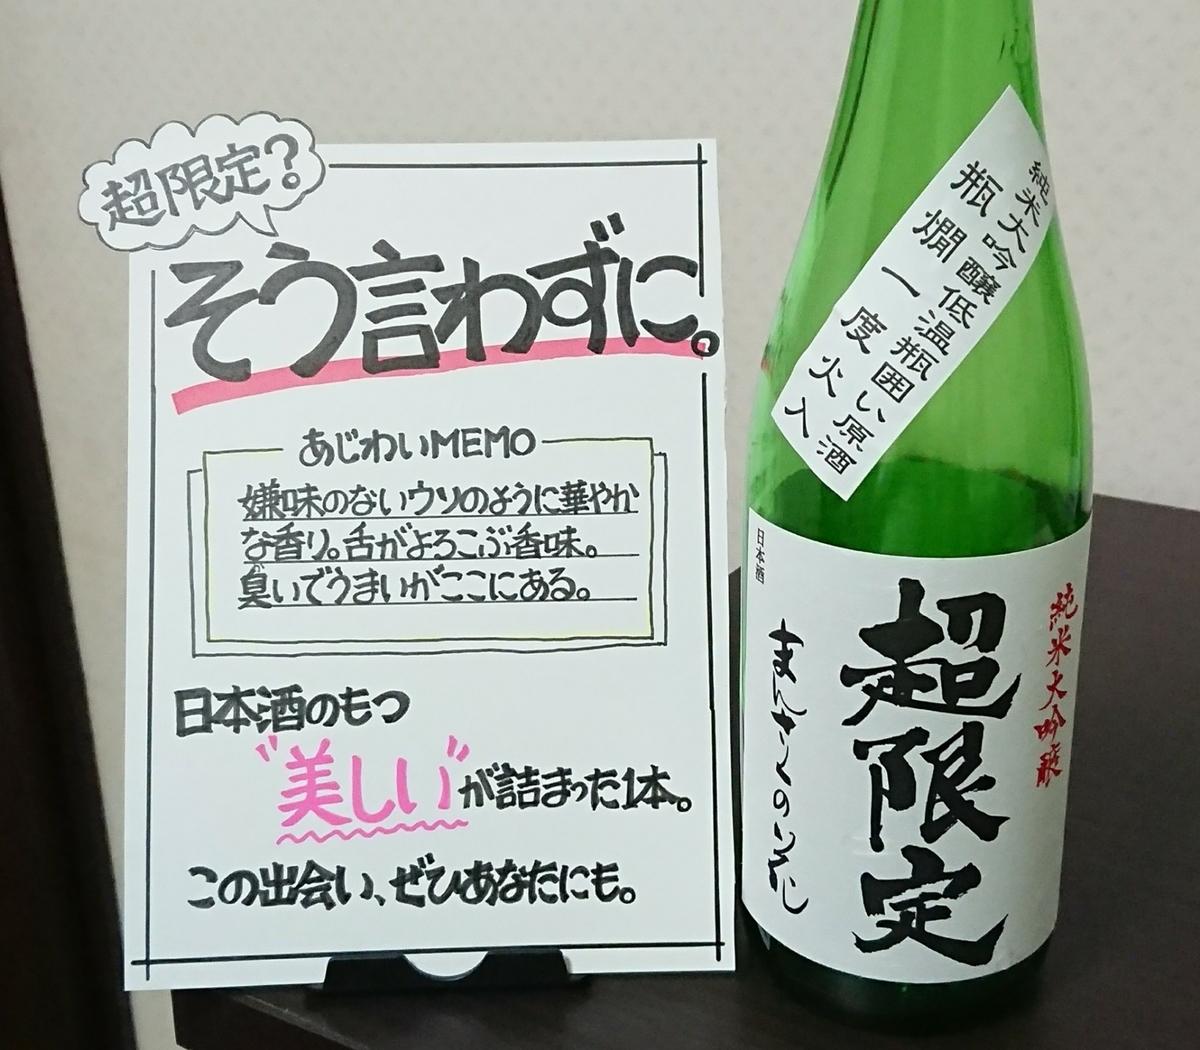 まんさくの花 純米大吟醸 超限定の感想・評価